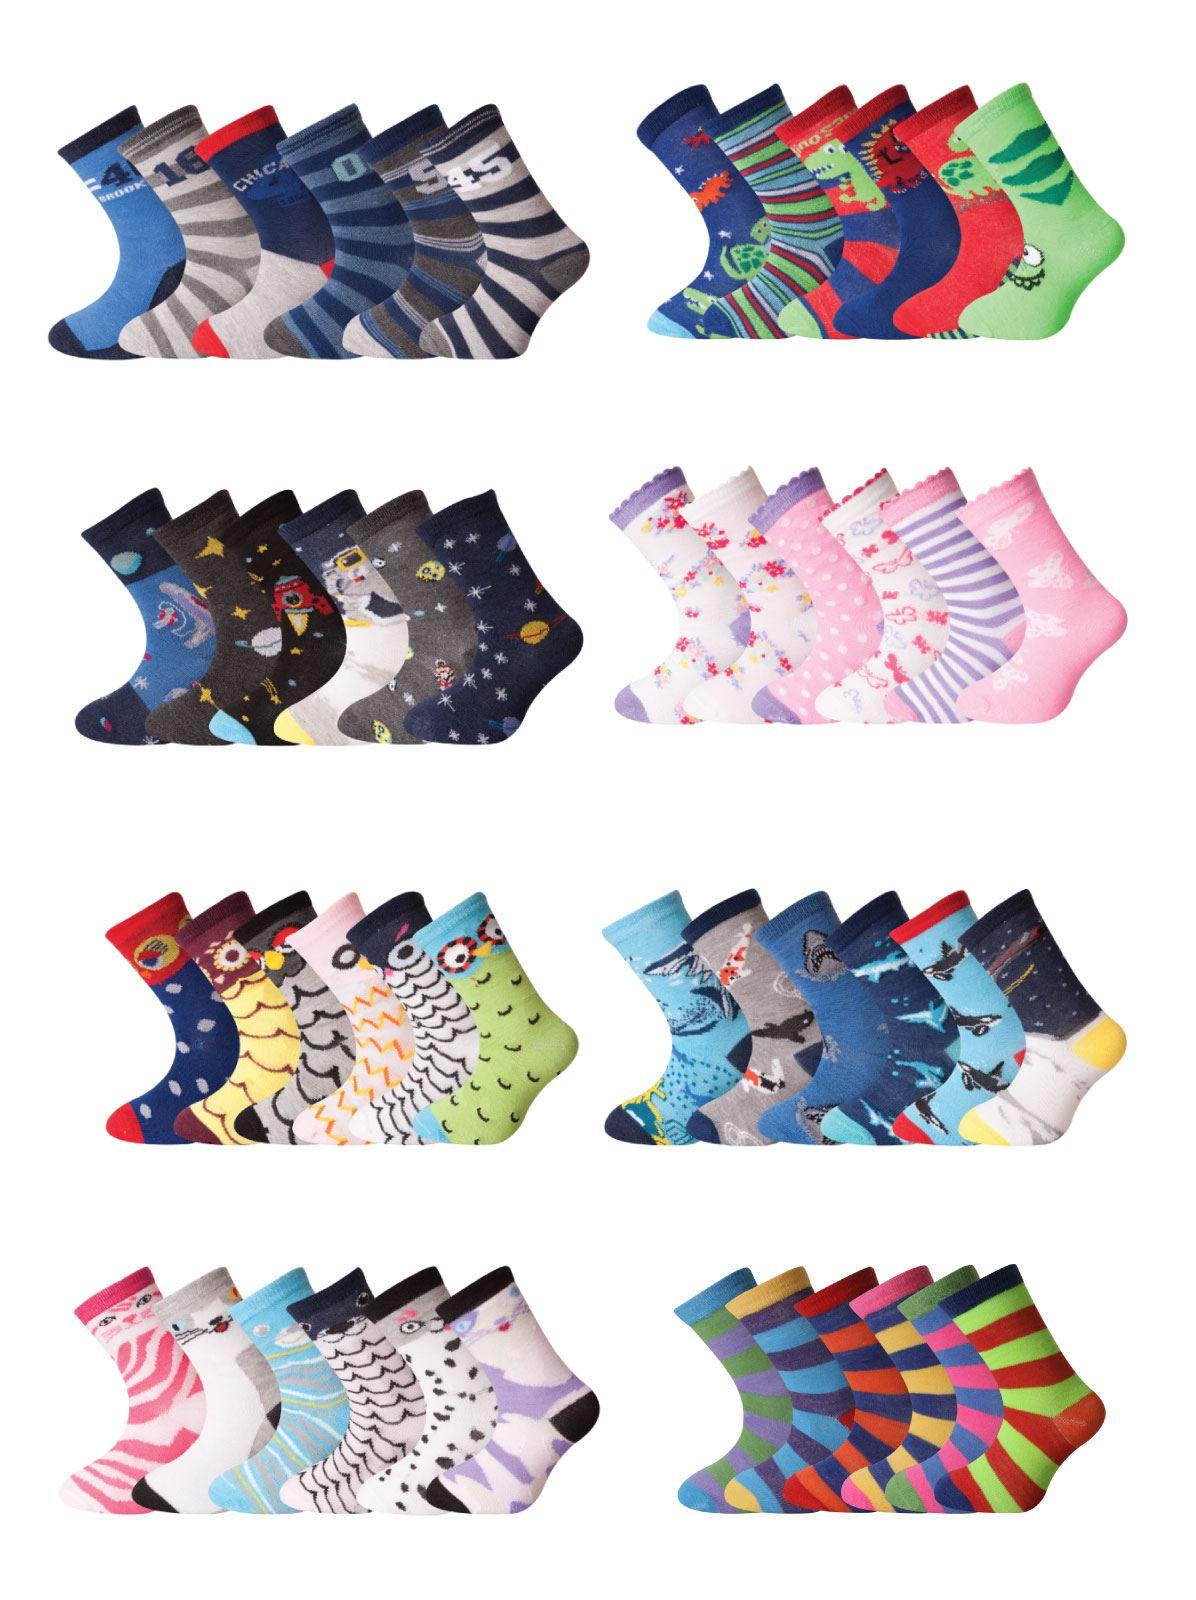 Wholesale lot Women/'s Sandals Assorted colors 36 pairs Sizes 5-10  SB2552